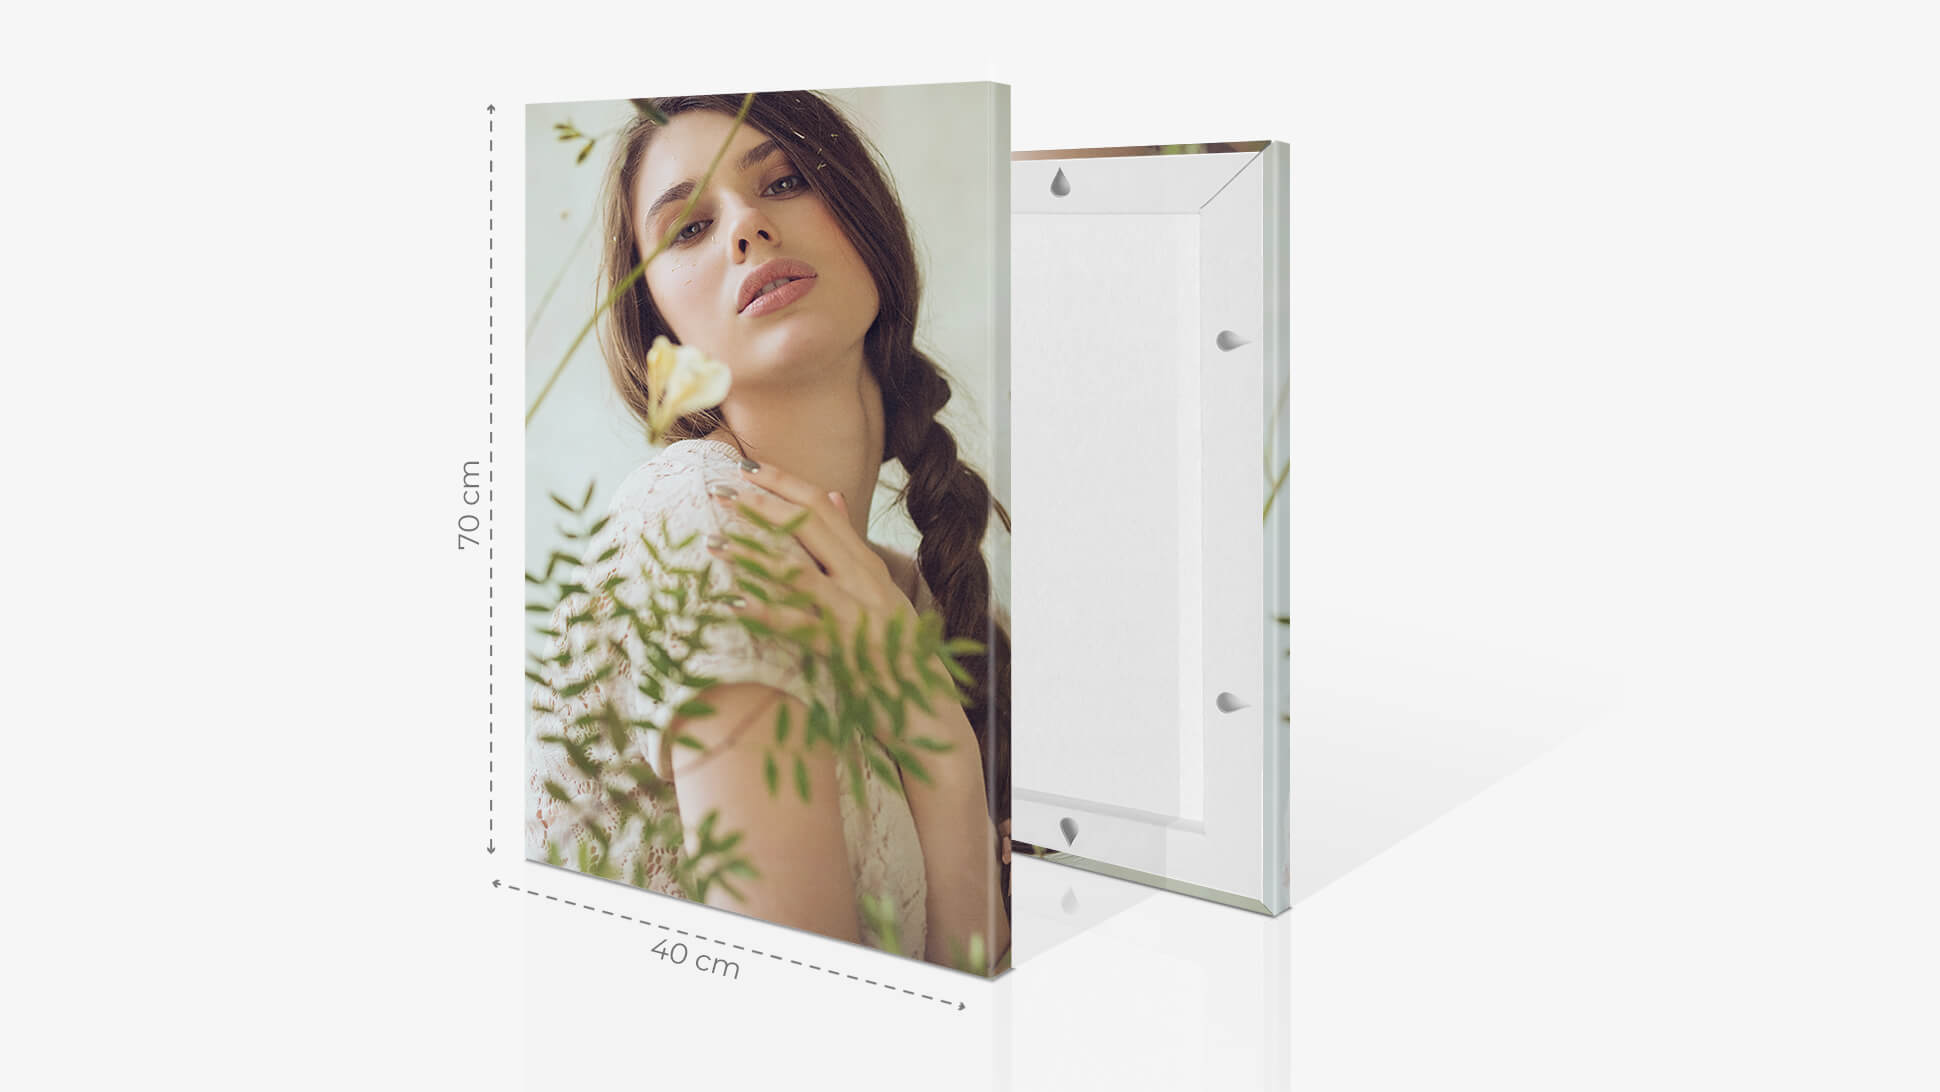 Fotoquadro 40x70cm con grafica | tictac.it